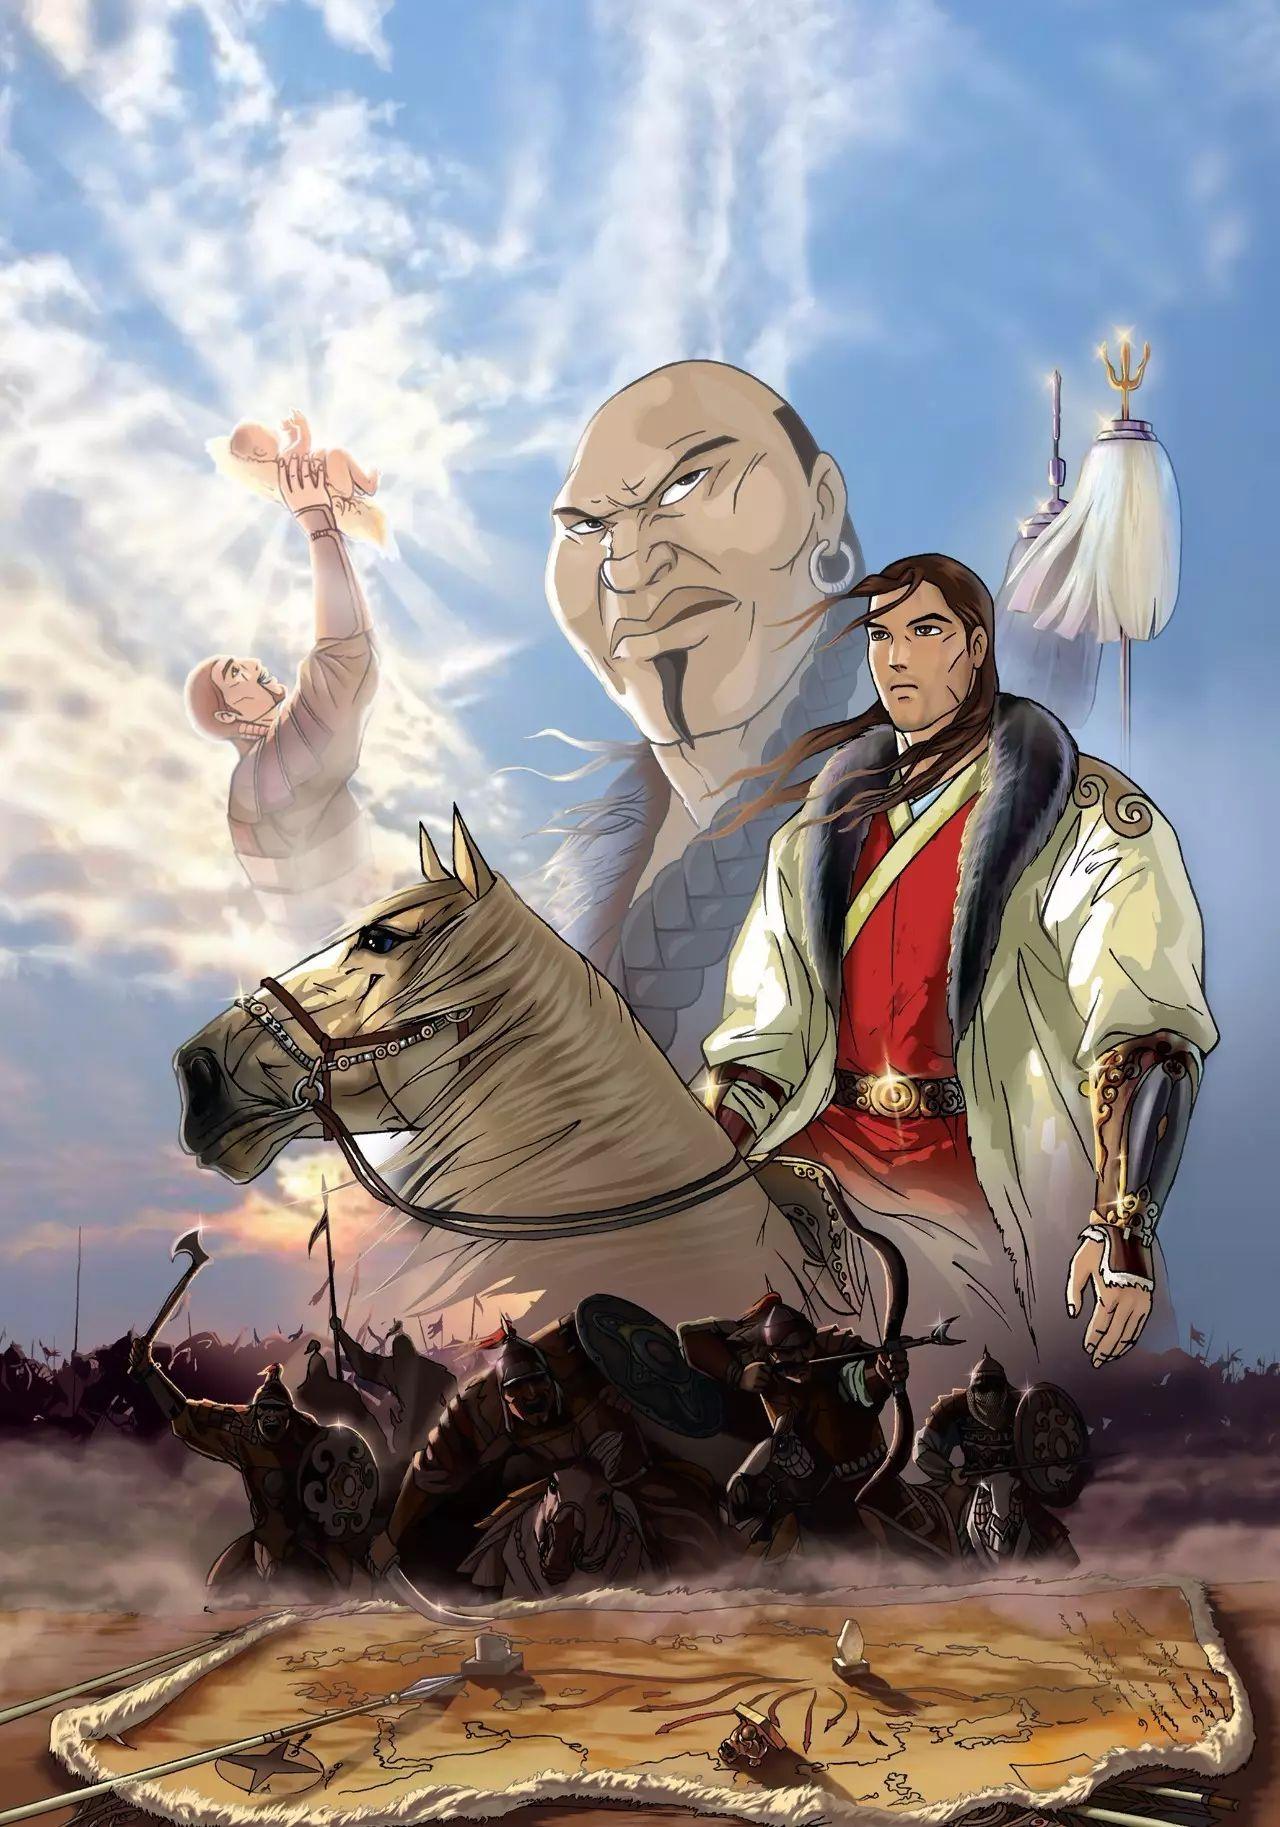 画《成吉思汗》的蒙古国卡通绘本漫画家 第1张